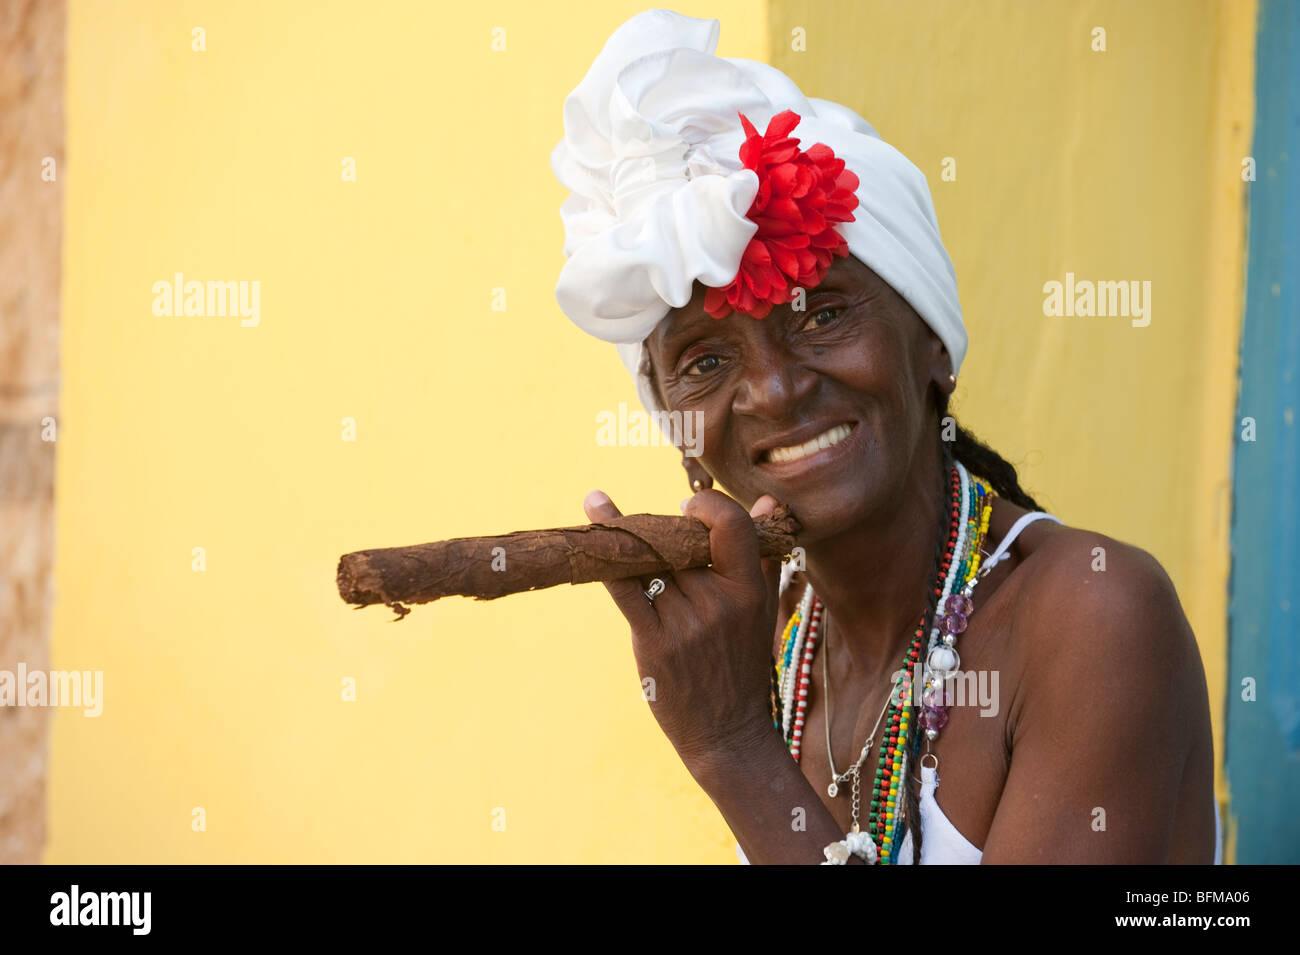 Smoking Cigar And Cuba Stock Photos & Smoking Cigar And Cuba Stock ...